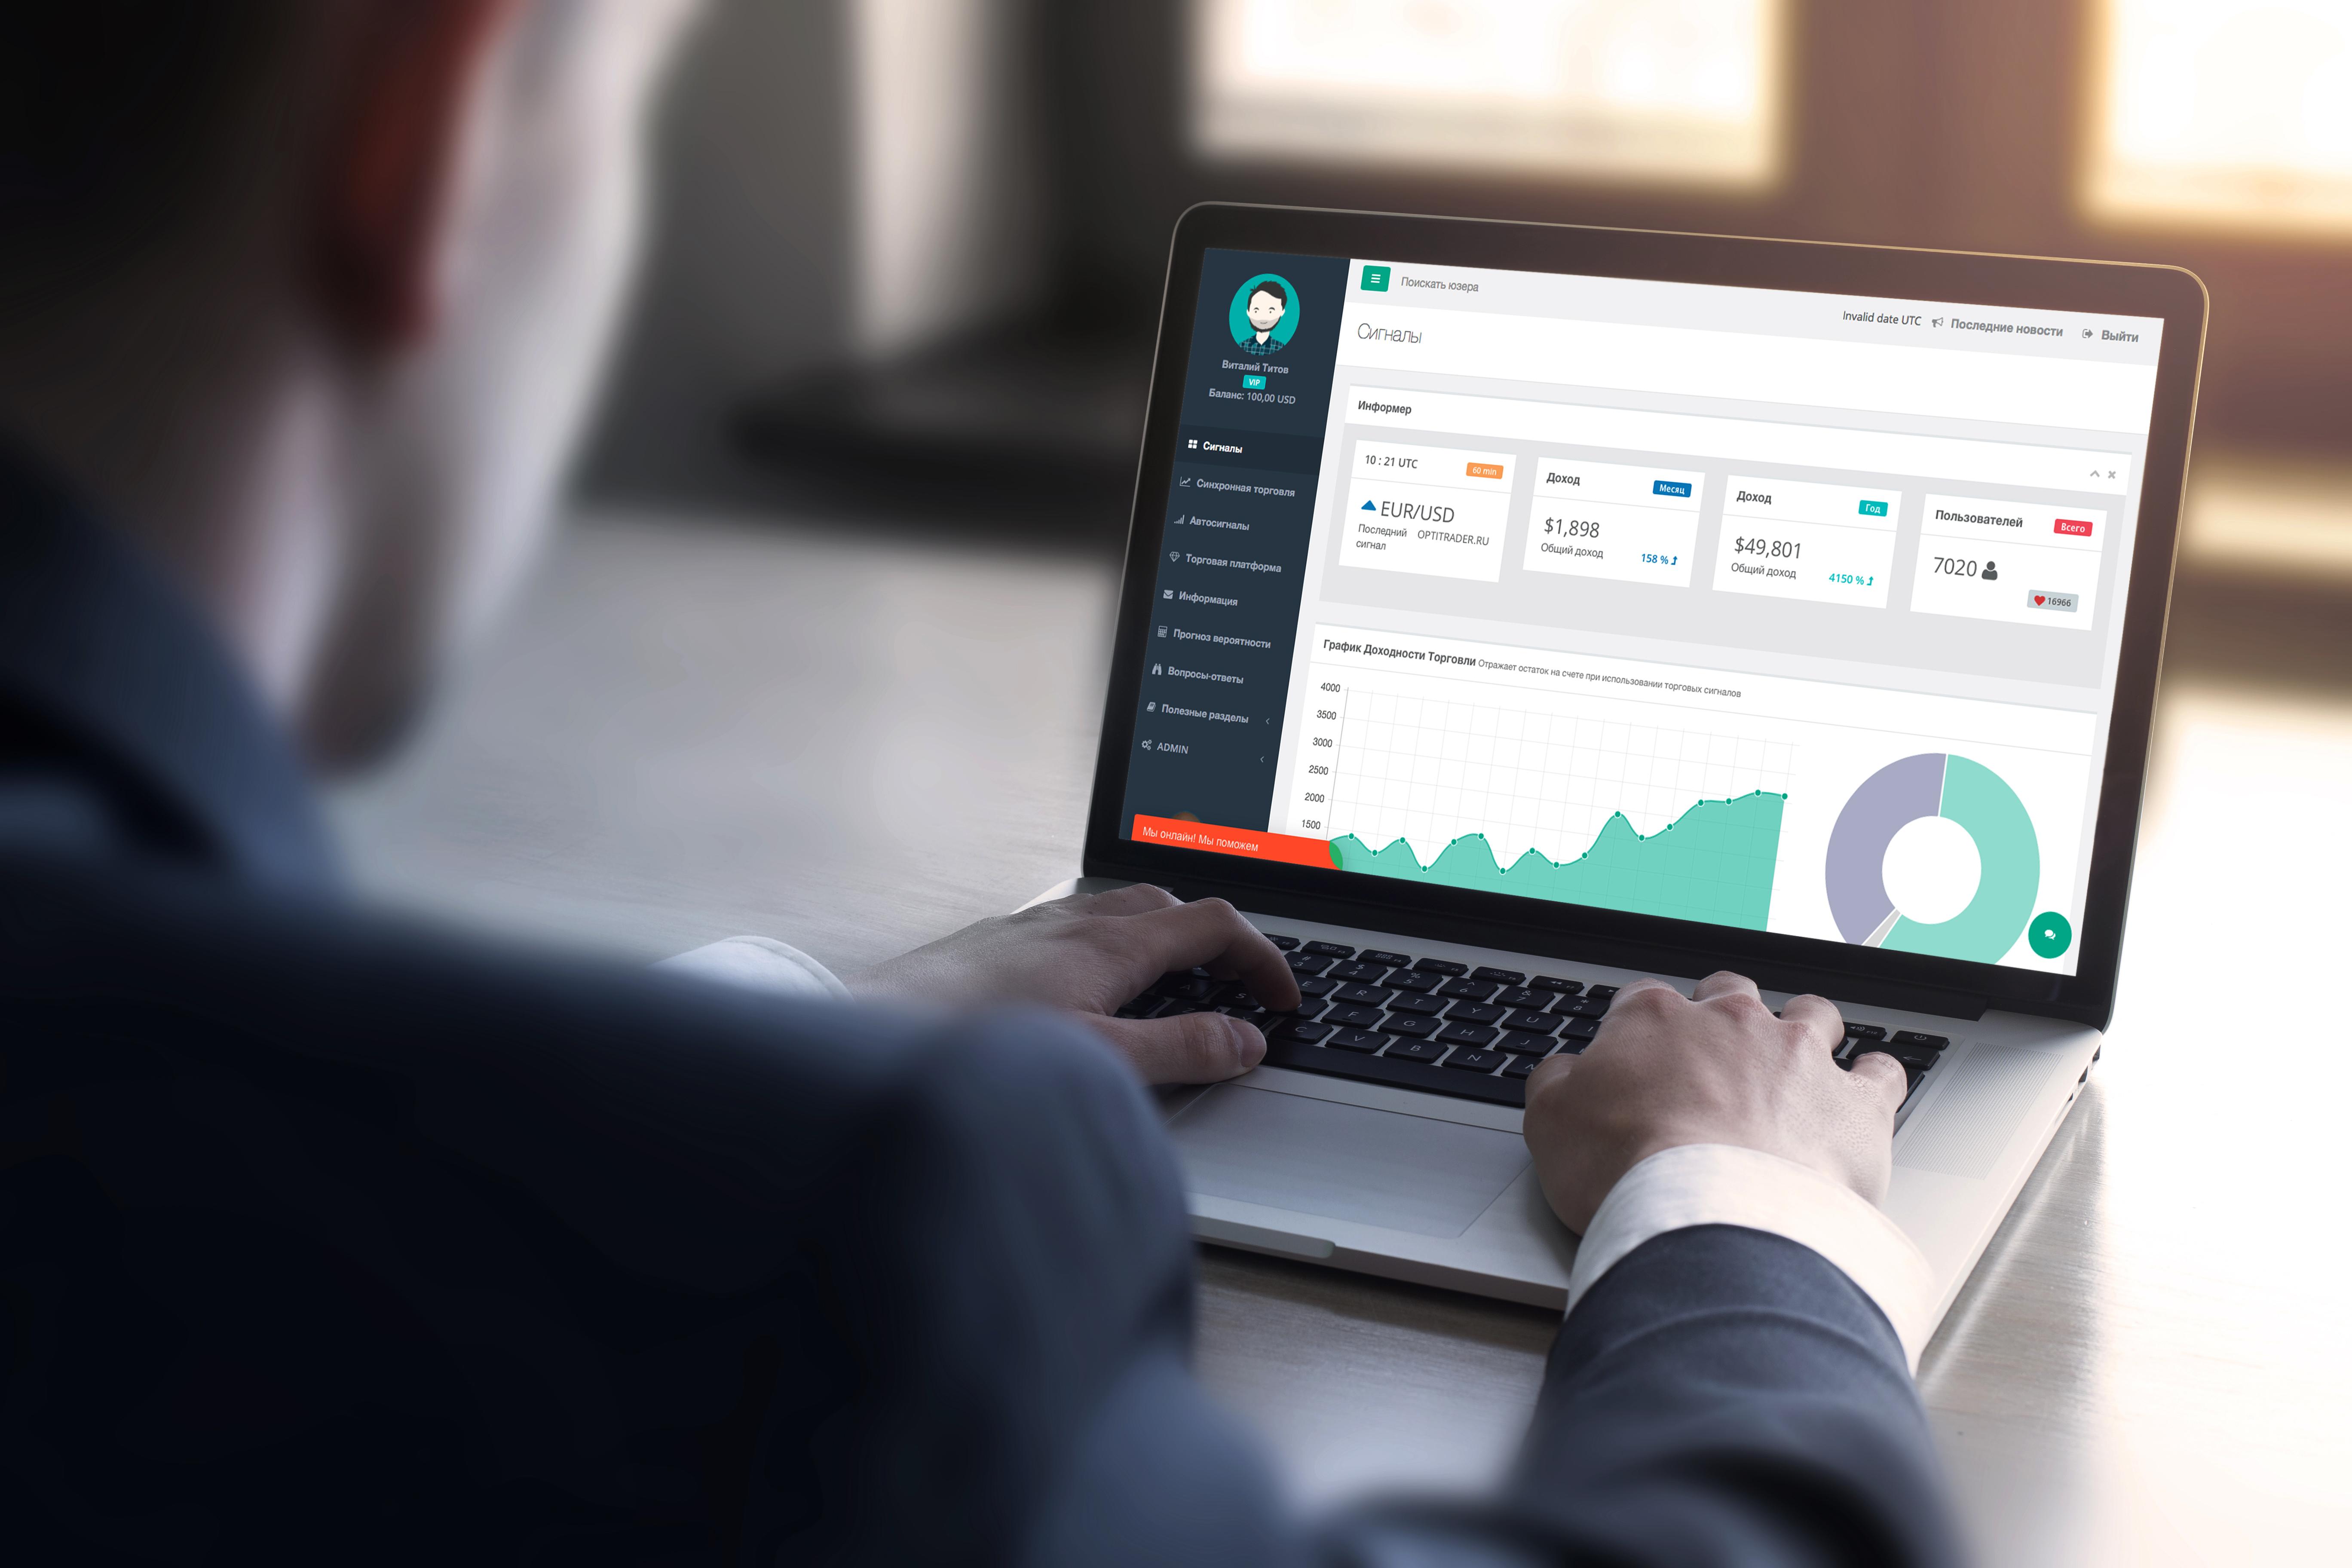 Онлайн торговля трейдеров на бинарных опционах новые криптовалюты 2019 года